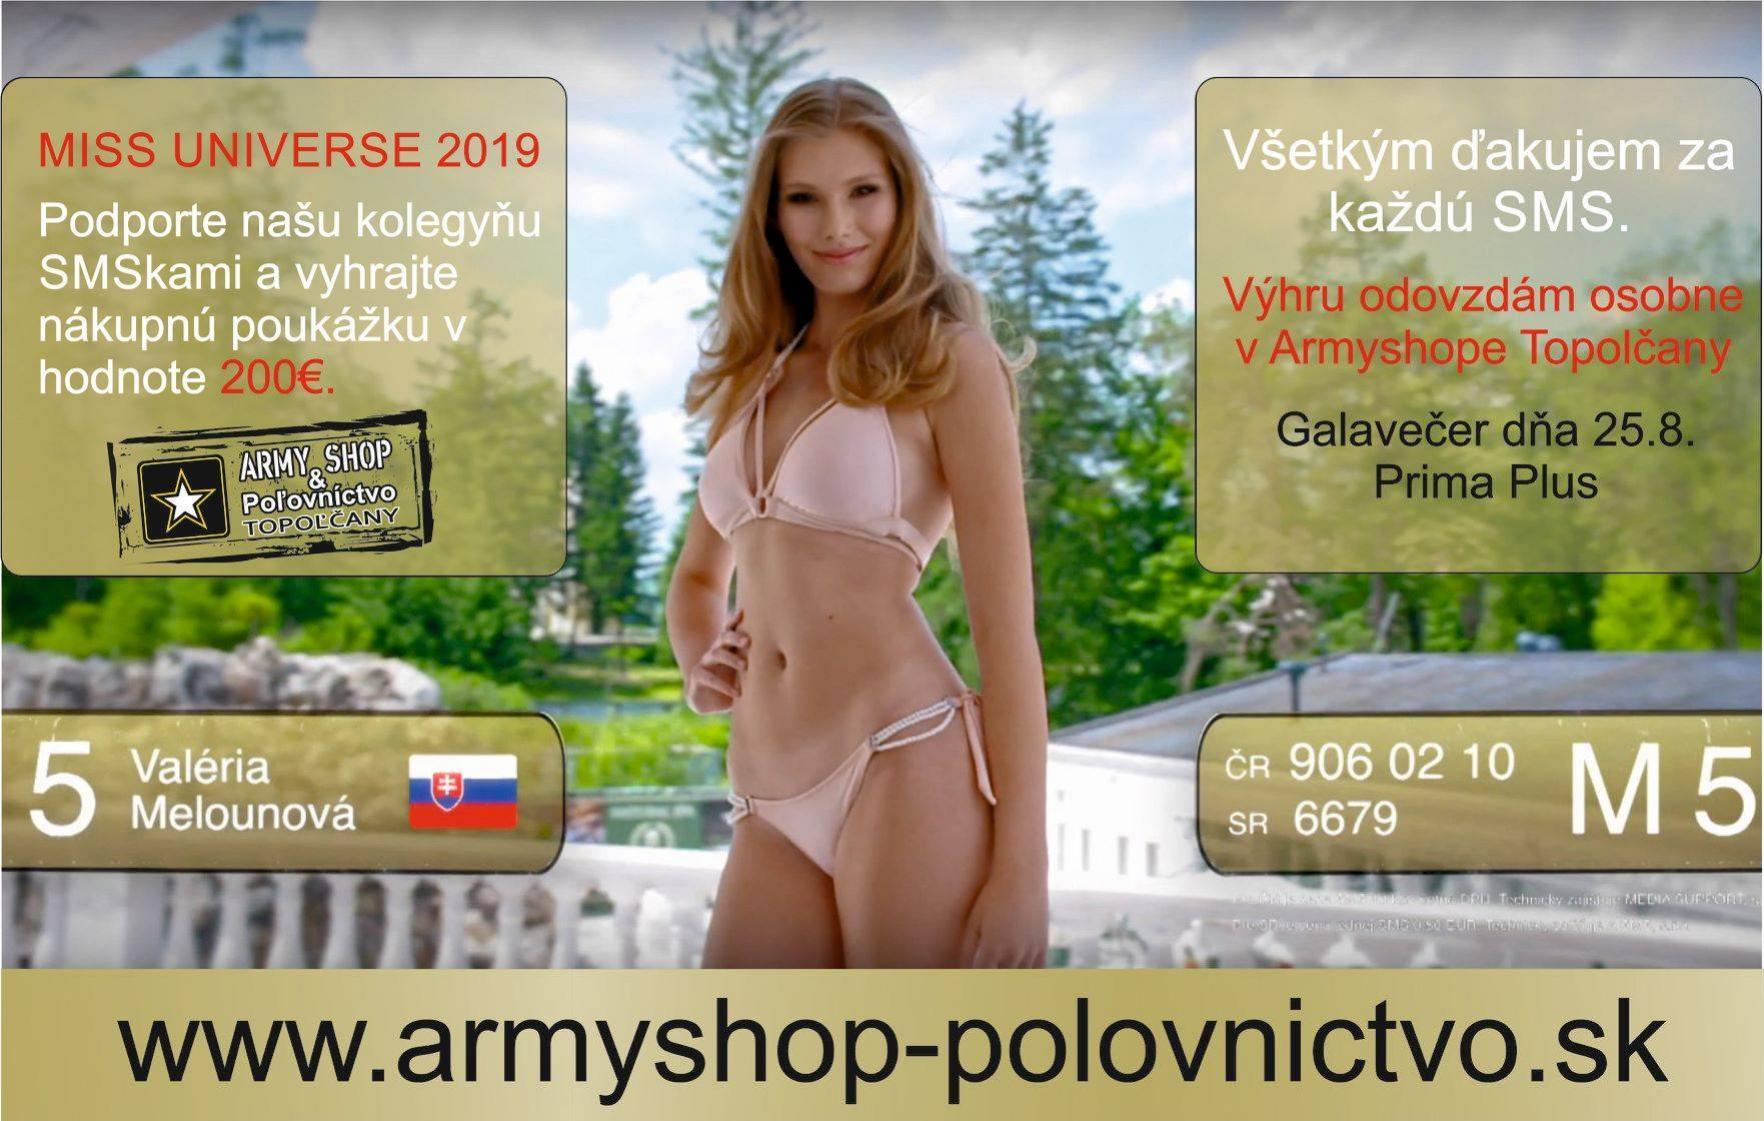 vyraj s army shopom